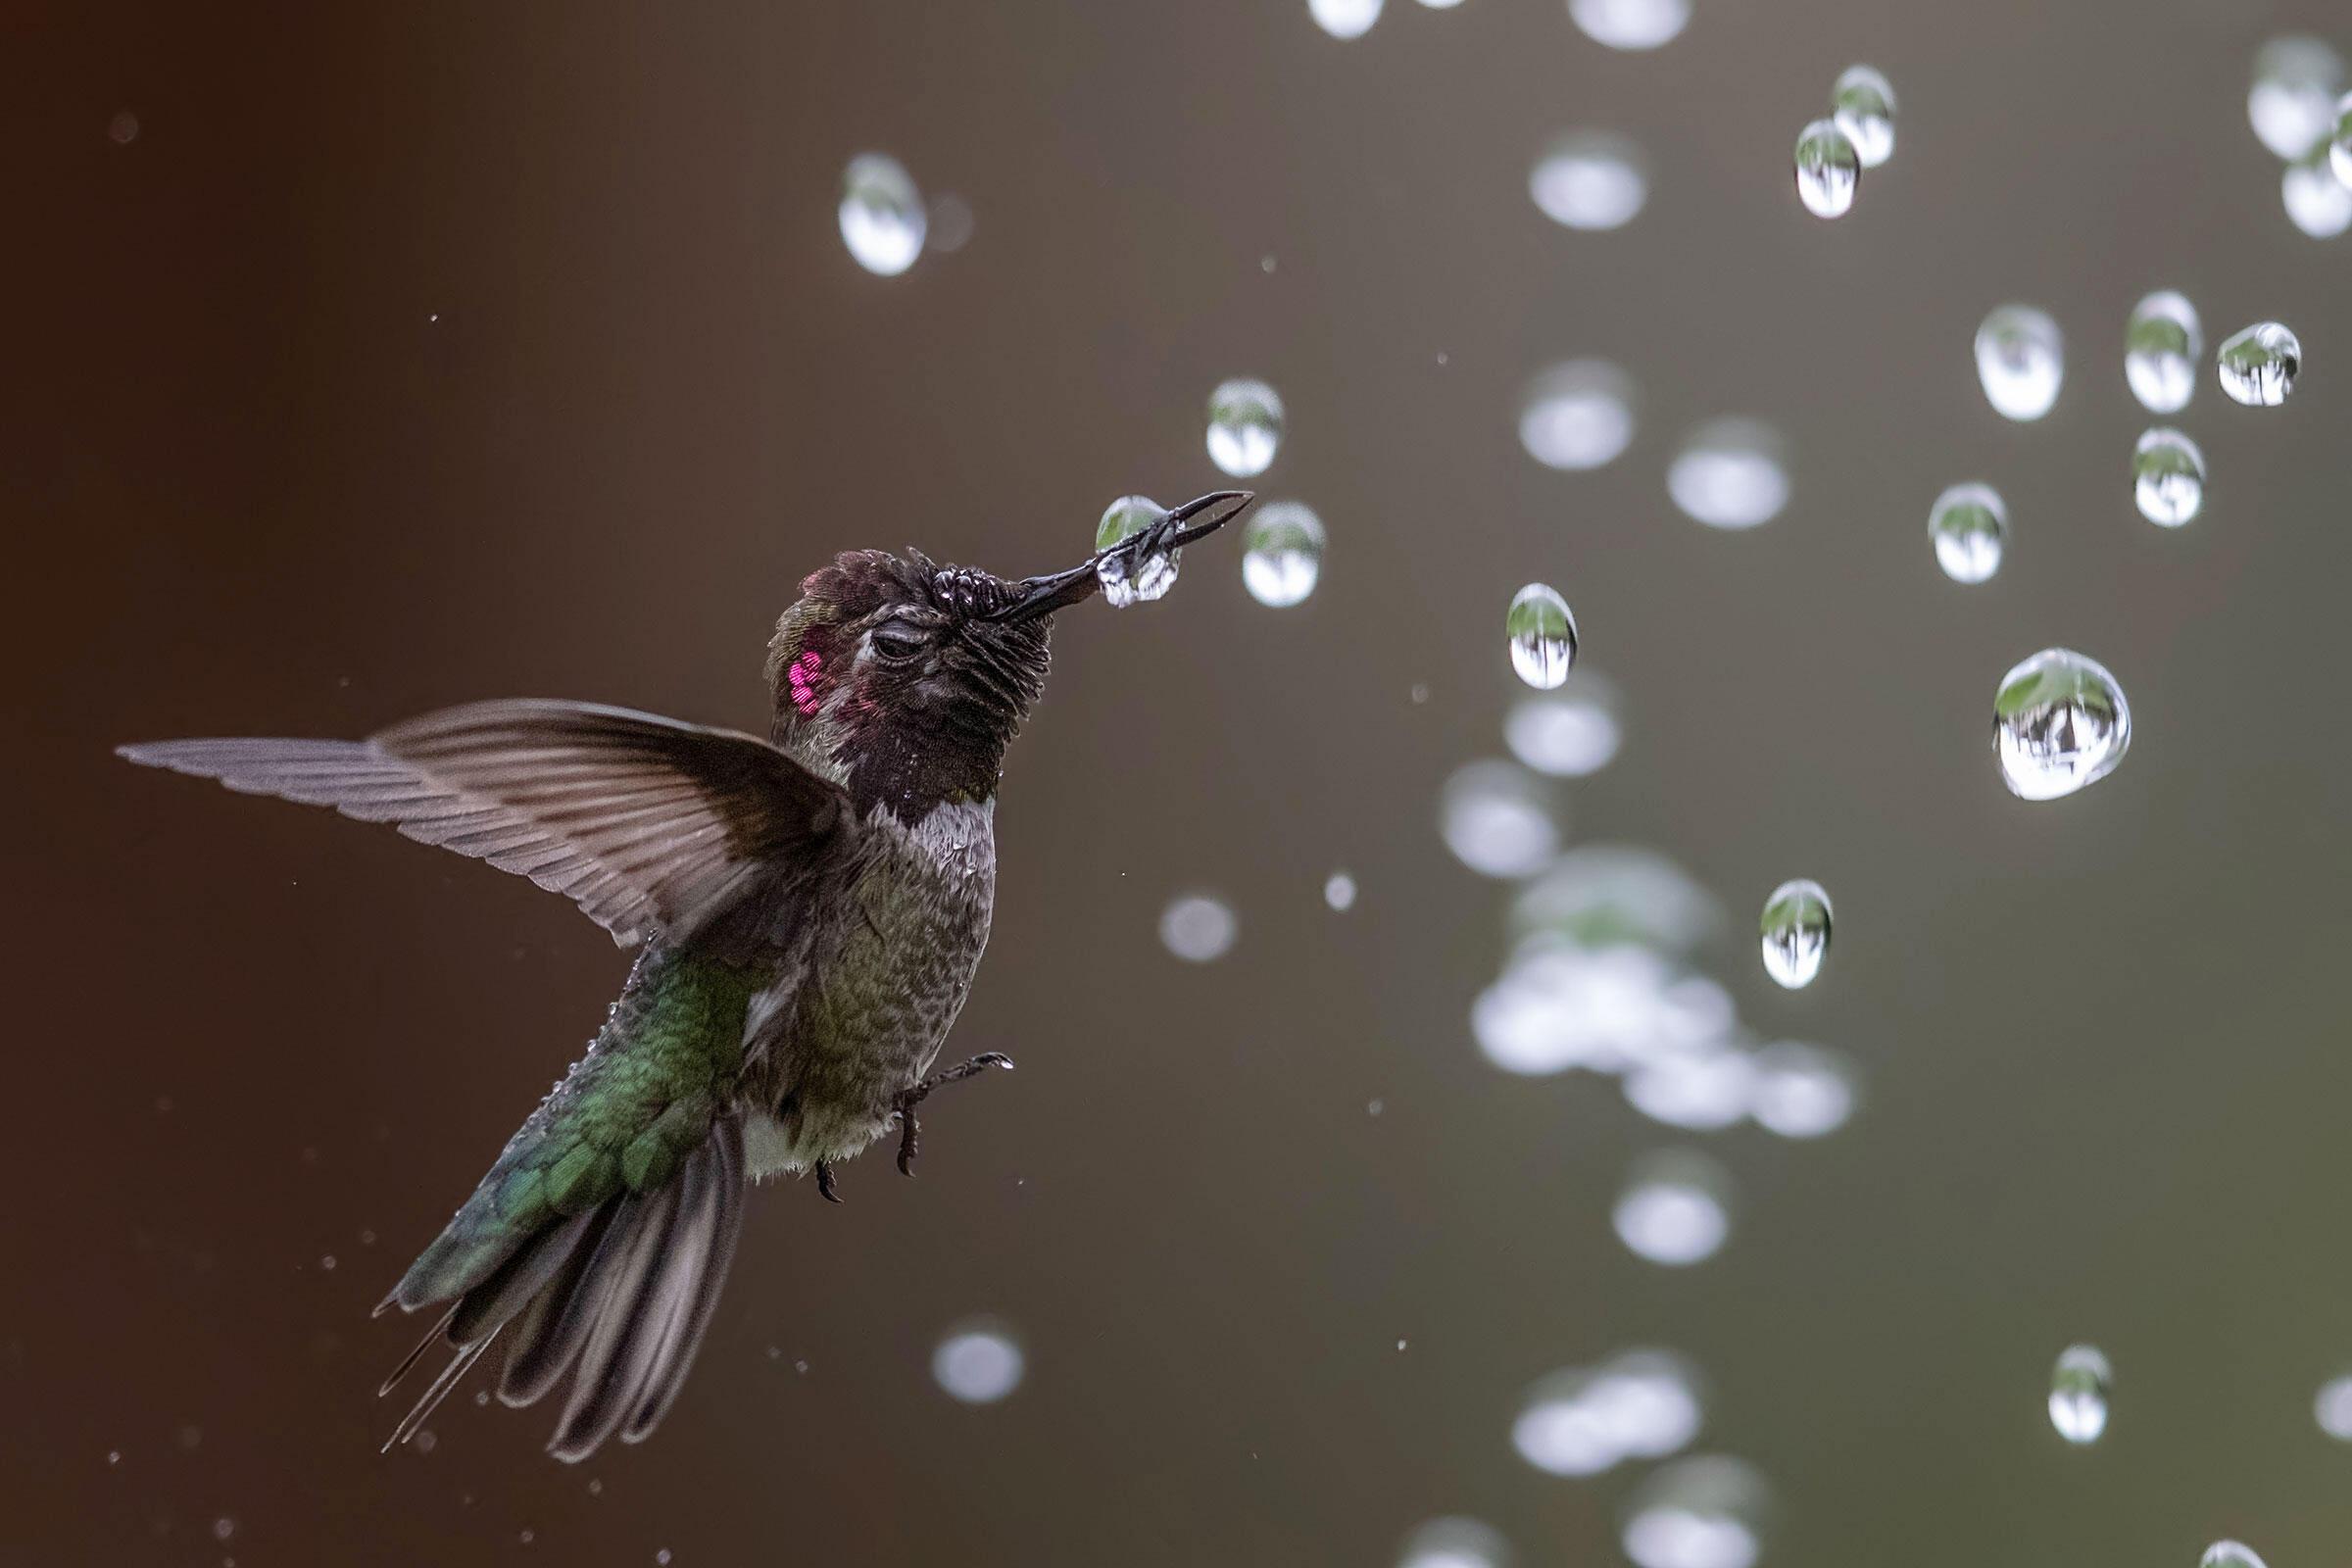 Anna's Hummingbird. Bibek Ghosh/Audubon Photography Awards